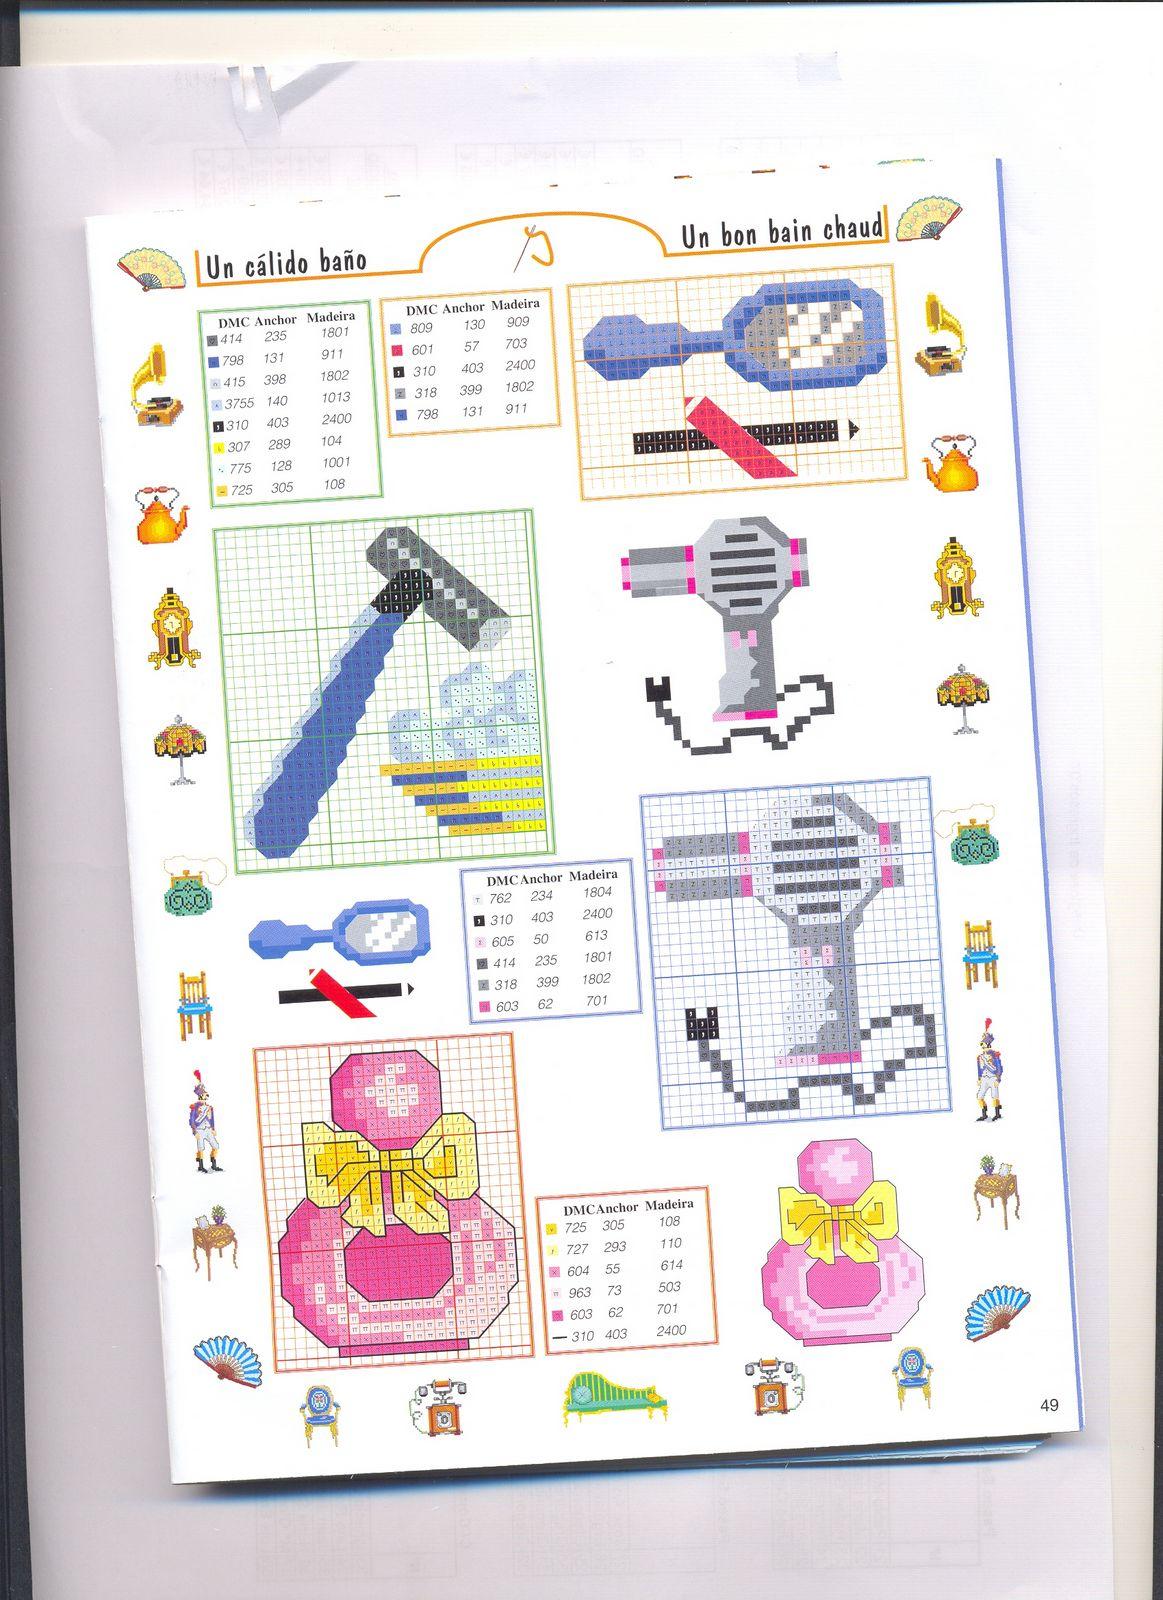 piccoli accessori bagno punto croce (2) - magiedifilo.it punto croce uncinetto schemi gratis ...